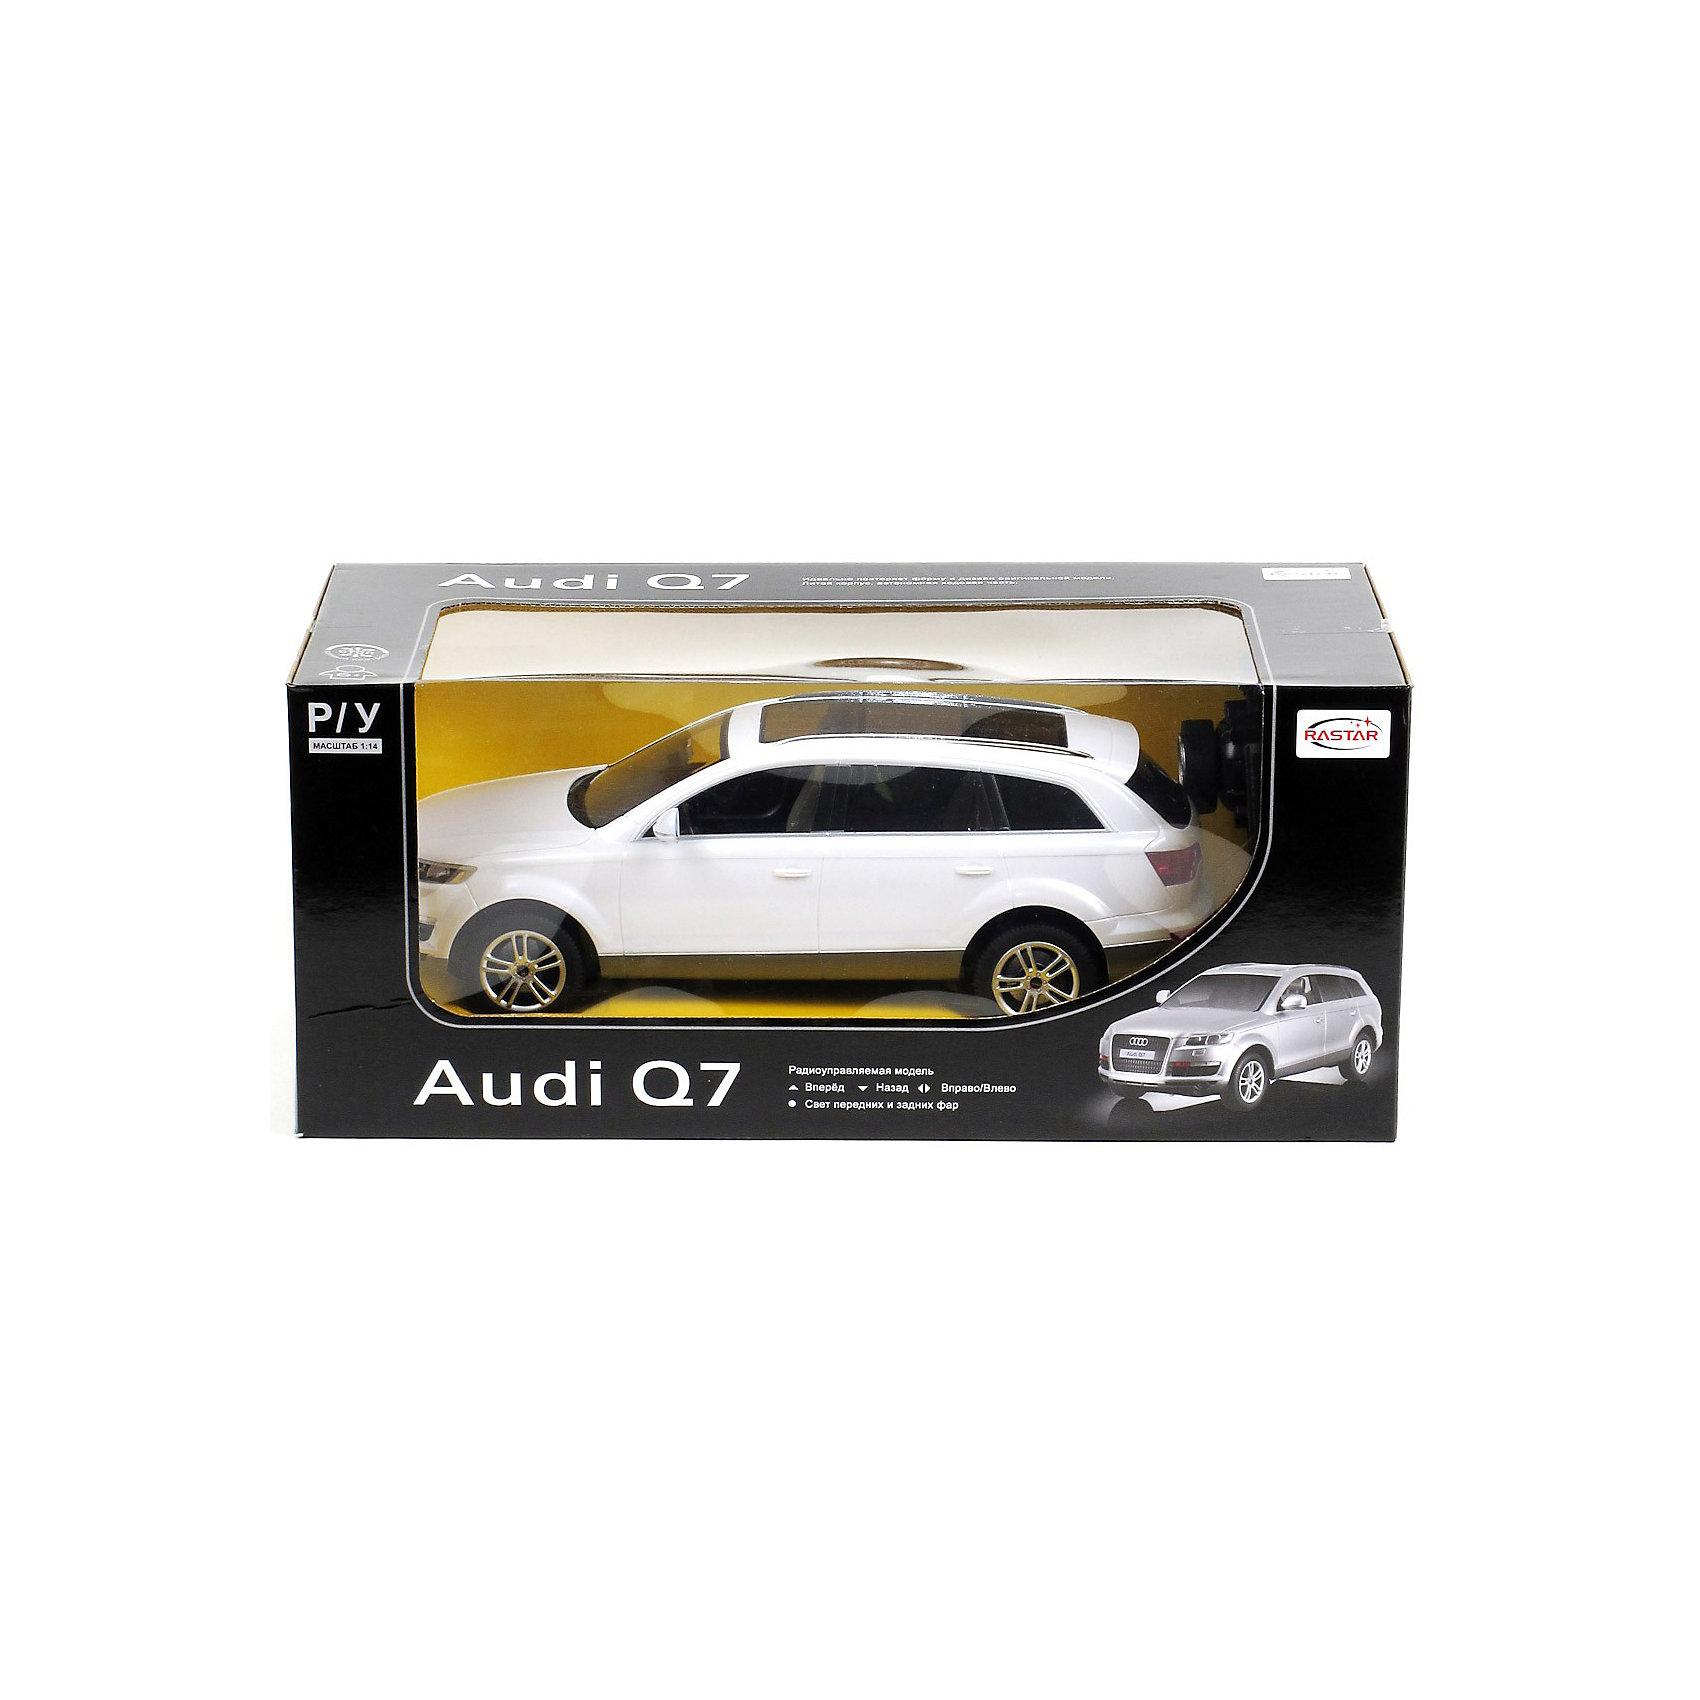 Машина AUDI Q7 1:14, свет, на р/у, RASTAR, в ассортиментеКоллекционные модели<br>Радиоуправляемая модель автомобиля Audi Q7 от Rastar выполнена в масштабе 1:14 из металла с пластмассовыми деталями — точная копия оригинального автомобиля.<br>Автомобиль может двигаться вперед, назад, влево, вправо со скоростью до 12 км/ч. При движении вперед у автомобиля светятся фары.<br>Радиус управления игрушкой до 35 метров.  При игре с автомобилем отлично развиваются логическое мышление и  координация движений.<br><br>Радиоуправляемая машина Audi Q7 от Rastar обрадует любого мальчишку!<br><br>Дополнительная информация:<br><br>- Пульт радиоуправления на частоте 27MHz.<br>- Материал: металл, высококачественная пластмасса<br>- Размеры упаковки(ДхШхВ): 22 x 46 x 20 см<br>- Размеры автомобиля(ДхШхВ):  36x14x12 см<br>- Батарейки: 5 х АА, 1 х «Крона». В комплект не входят.<br>- Вес: 1,58 кг<br>Внимание! Данный товар представлен в ассортименте и может отличаться цветовым исполнением (черный, серебристый, белый и проч.) К сожалению, предварительный выбор определенного цвета товара невозможен.<br><br>Машину AUDI Q7 1:14, свет, на р/у, RASTAR, в ассортименте можно купить в нашем интернет-магазине.<br><br>Ширина мм: 220<br>Глубина мм: 460<br>Высота мм: 200<br>Вес г: 1580<br>Возраст от месяцев: 36<br>Возраст до месяцев: 1188<br>Пол: Мужской<br>Возраст: Детский<br>SKU: 3482931